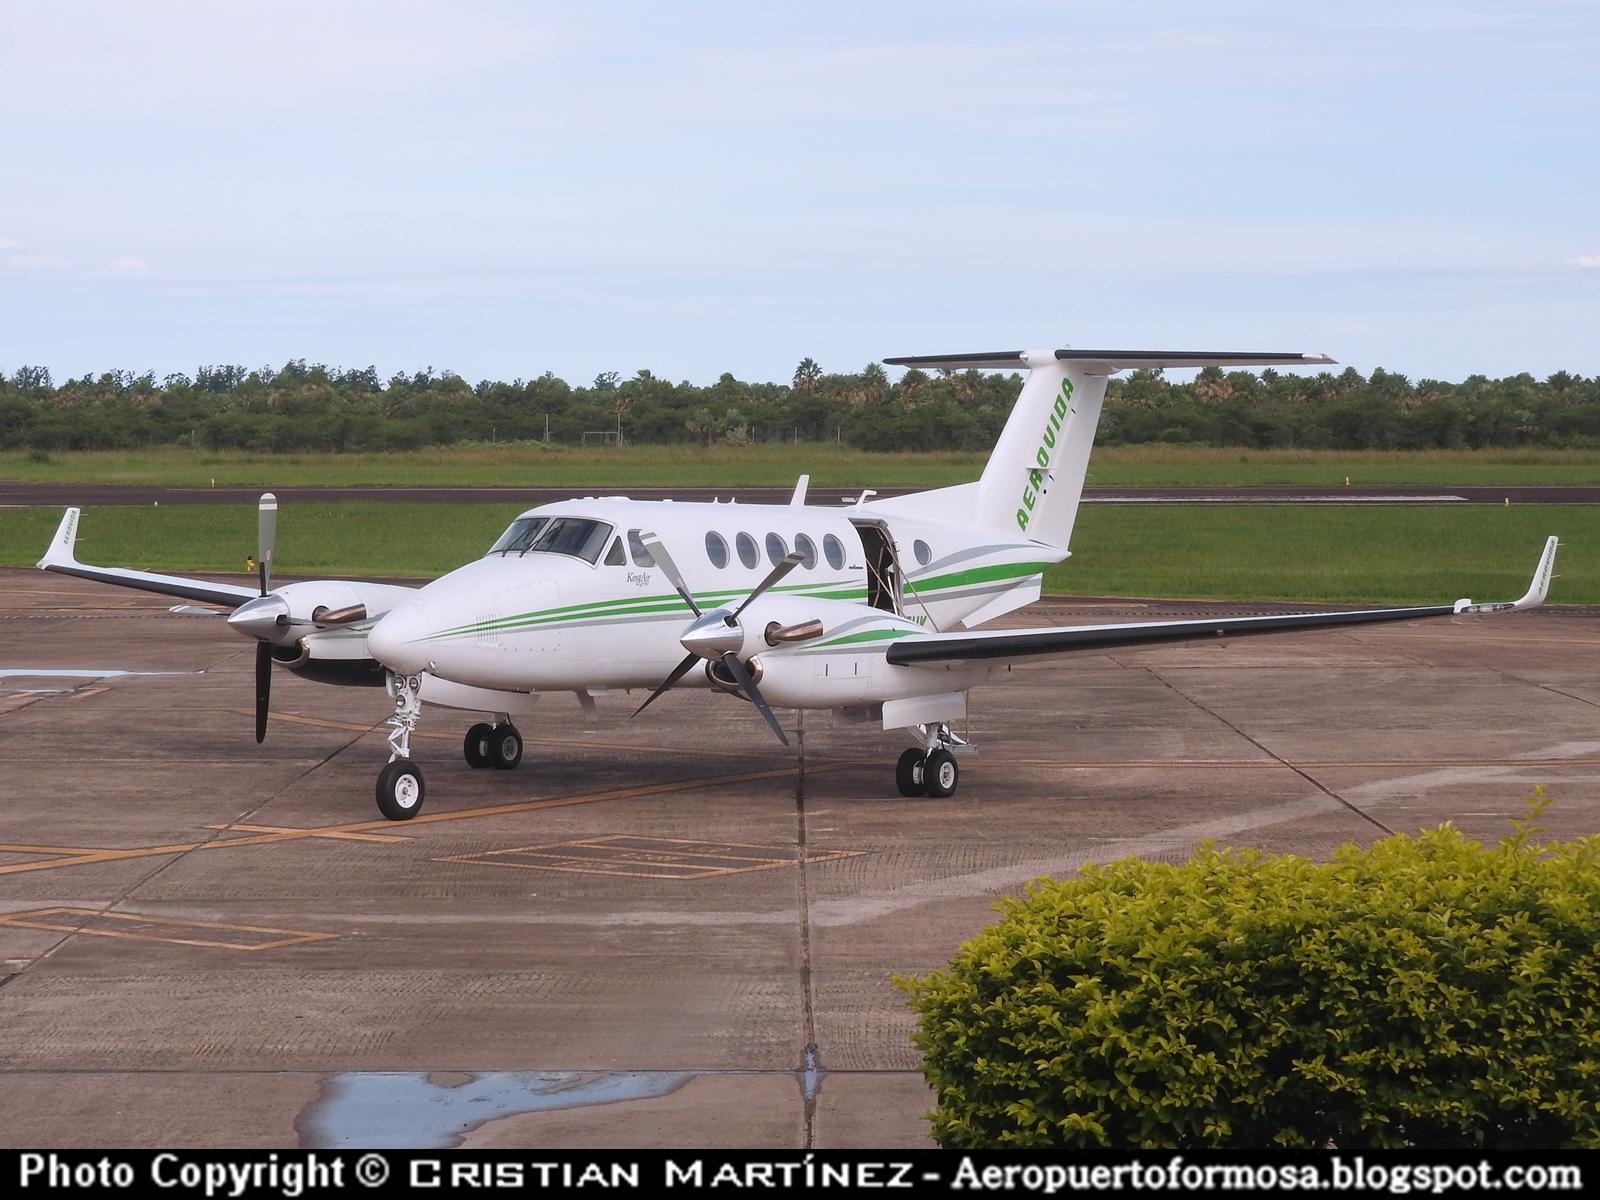 Aeropuerto Formosa - Formosa Spotters: LV-FUK Beechcraft B200 ...